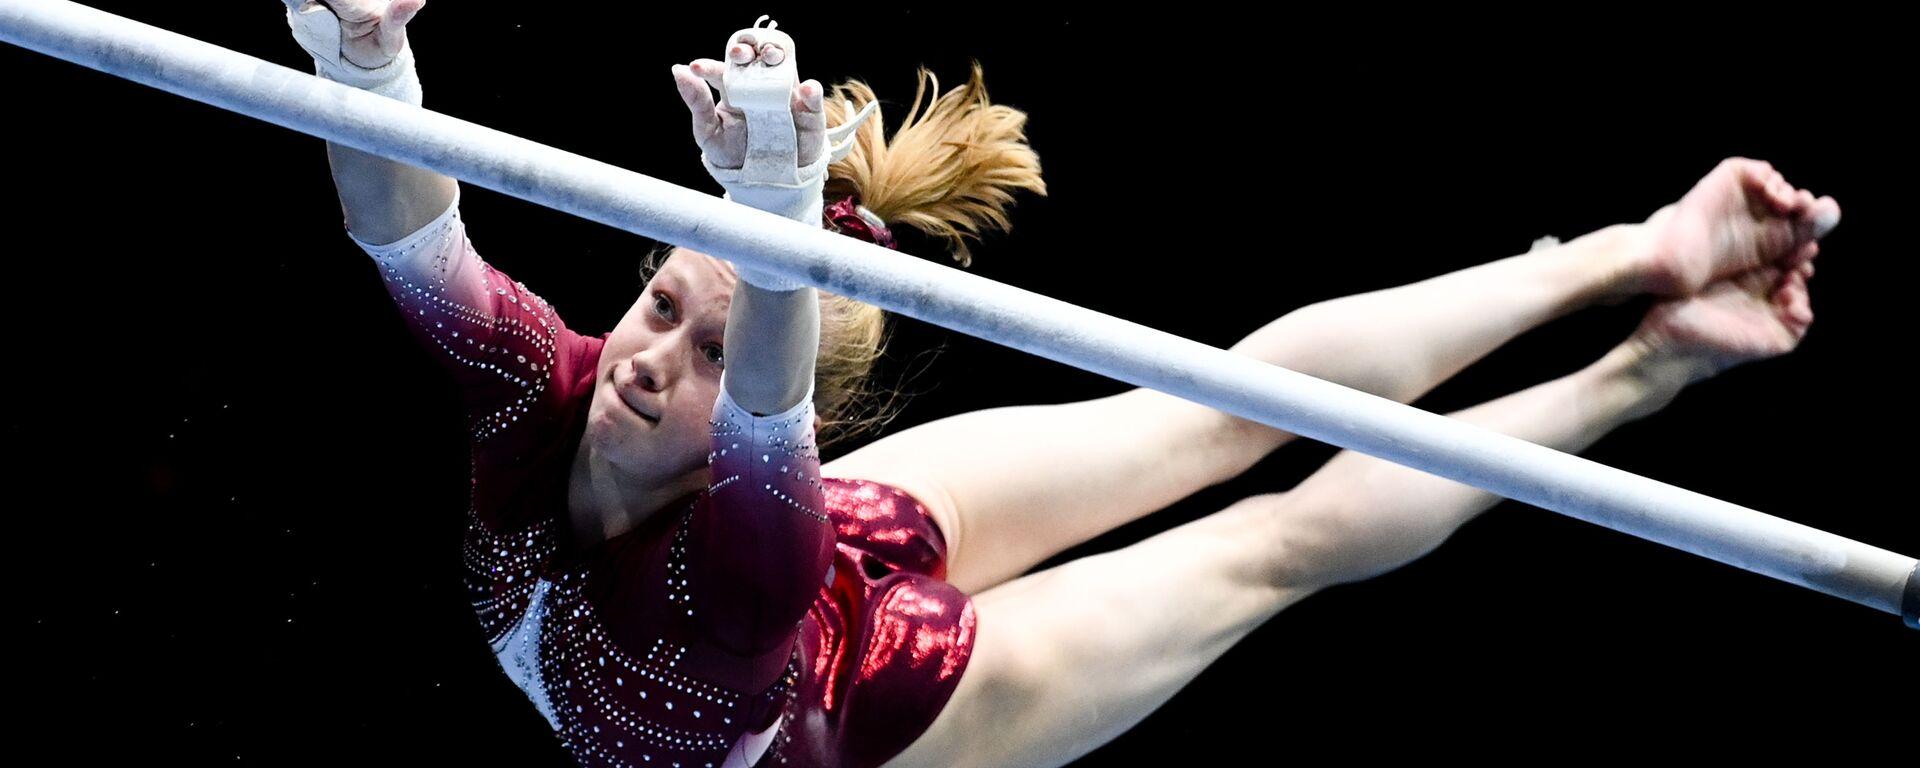 Российская гимнастка Виктория Листунова - Sputnik Ўзбекистон, 1920, 27.07.2021